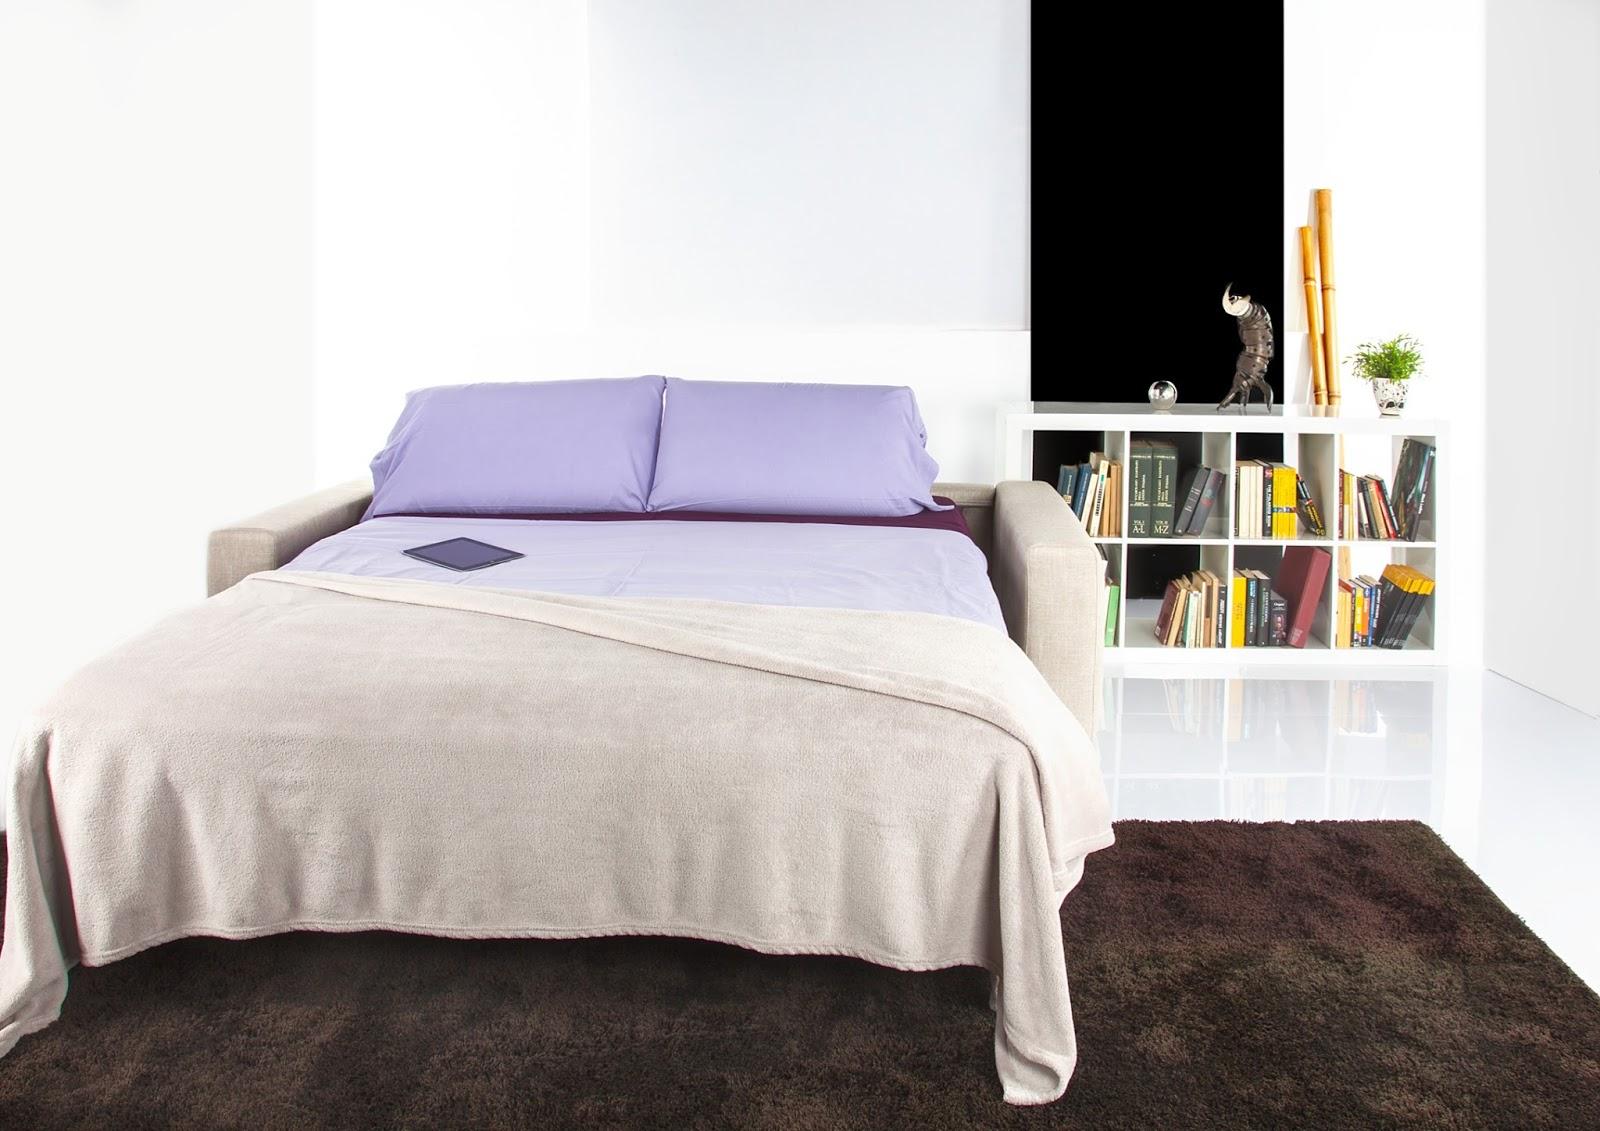 Acquista un divano letto tino mariani in omaggio coppia for Svendita divani letto